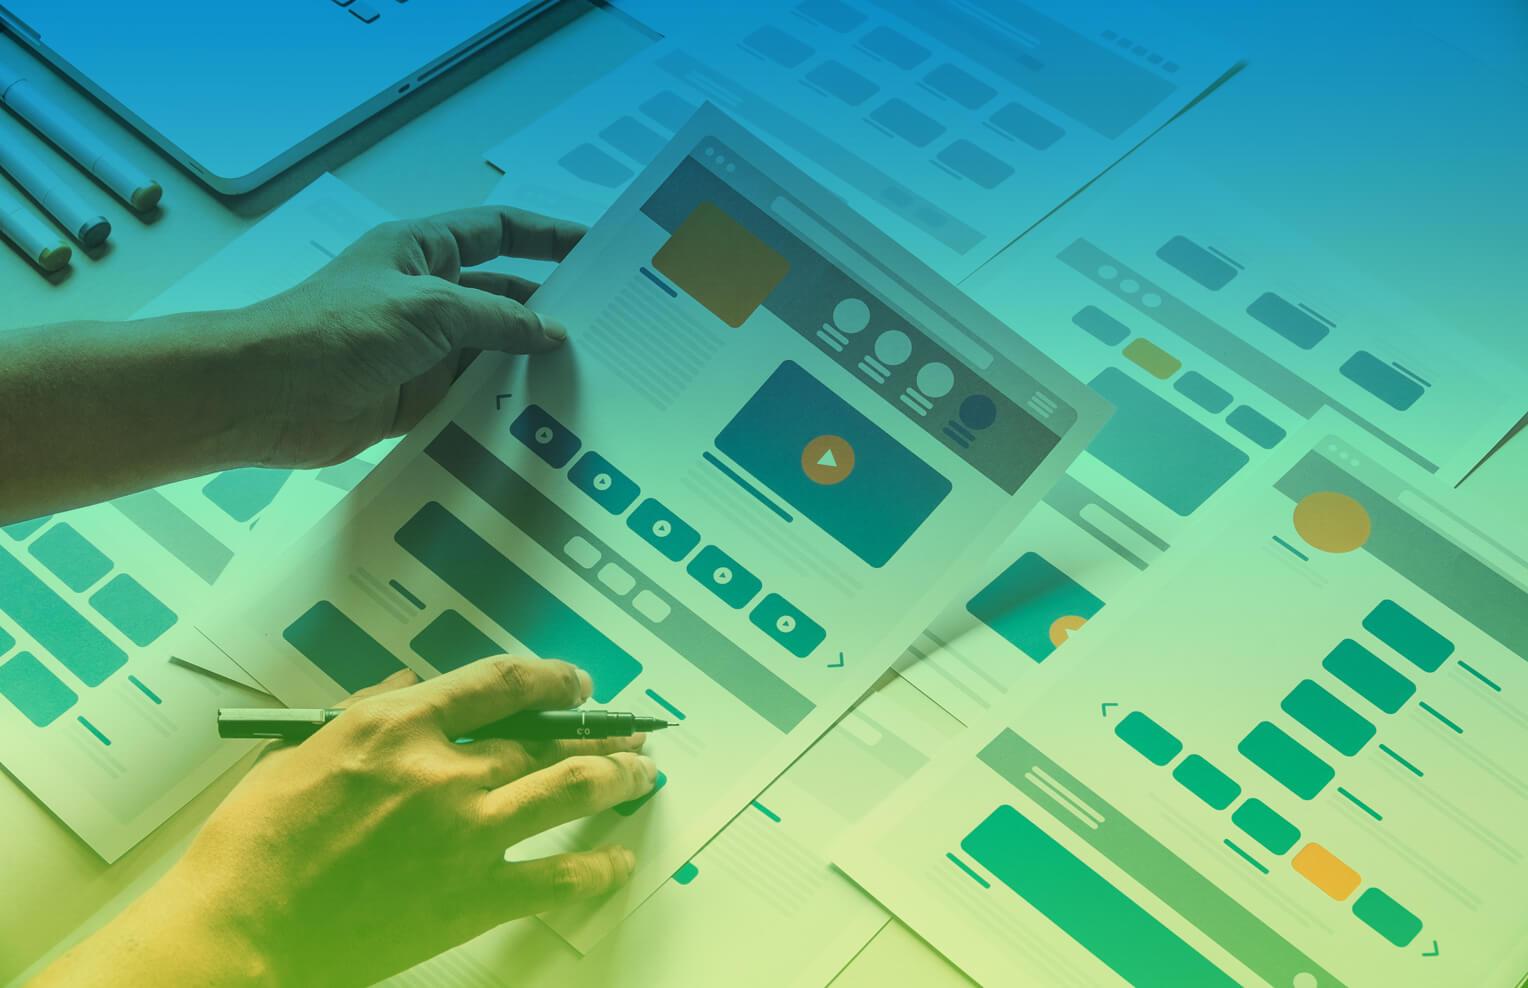 Webseitenentwicklung - Aufbau und Struktur